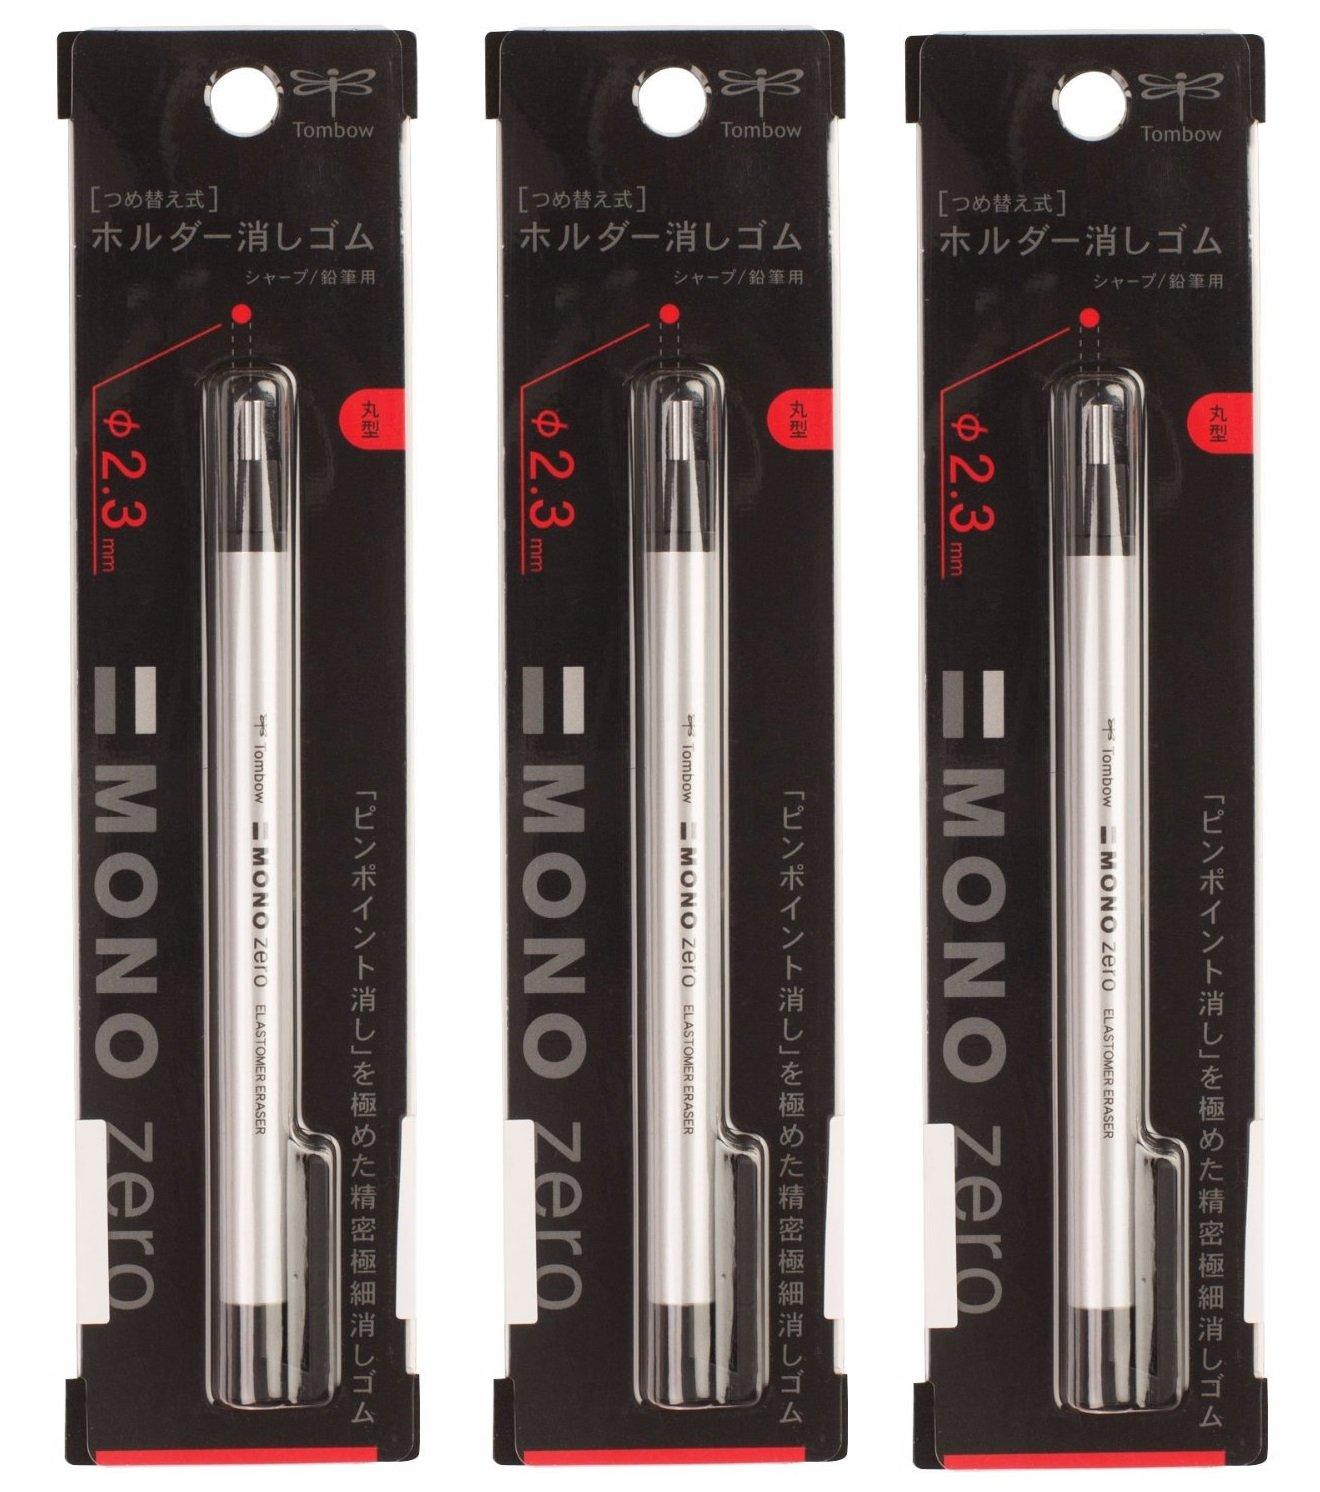 Tombow MONO Zero Eraser, Round 2.3 mm x 3